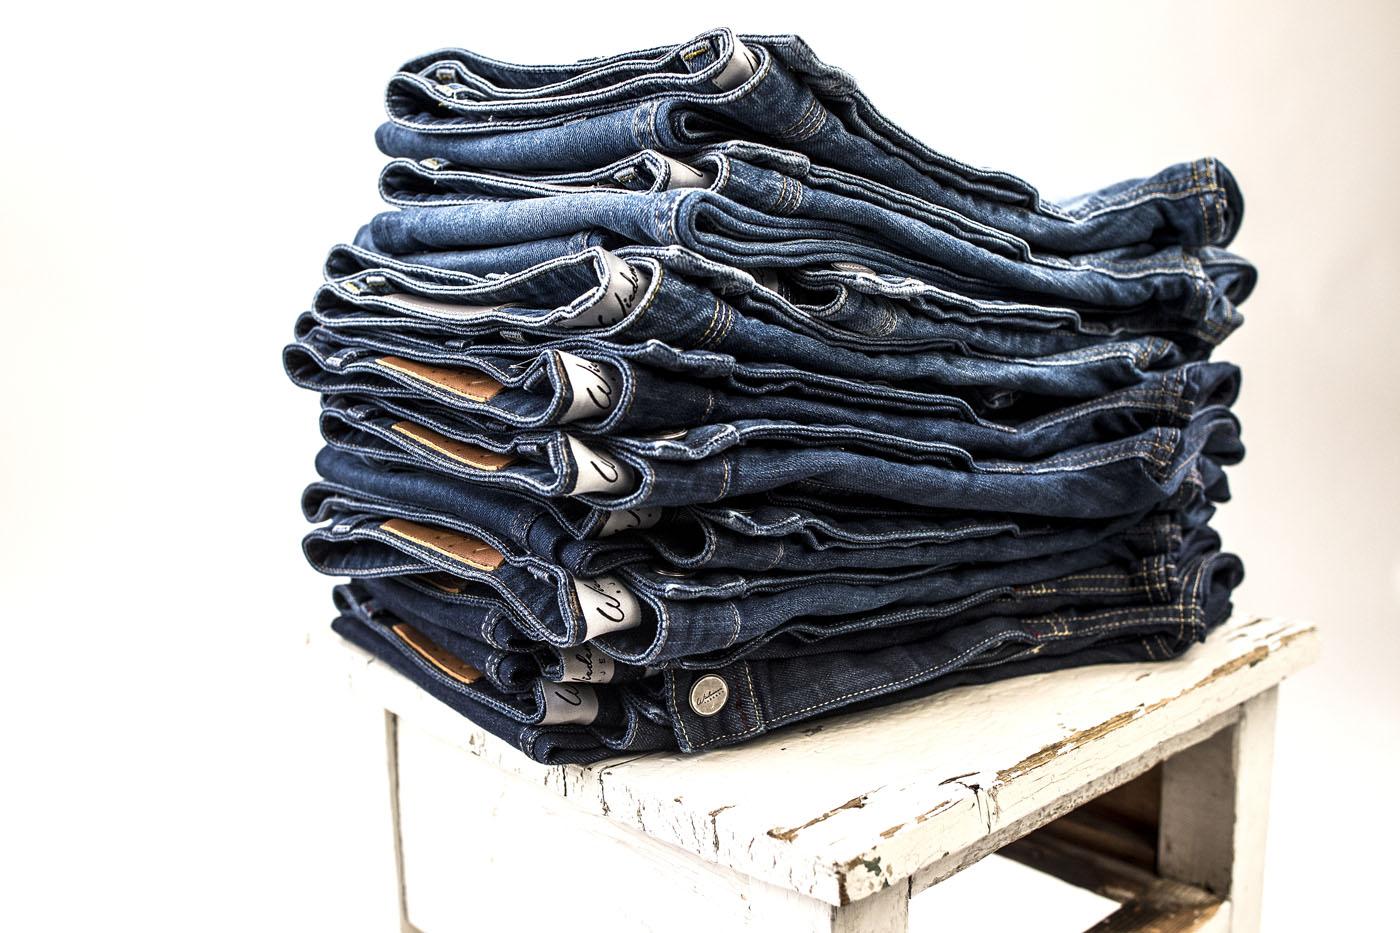 wiedemann-jeans-tallmen-00010